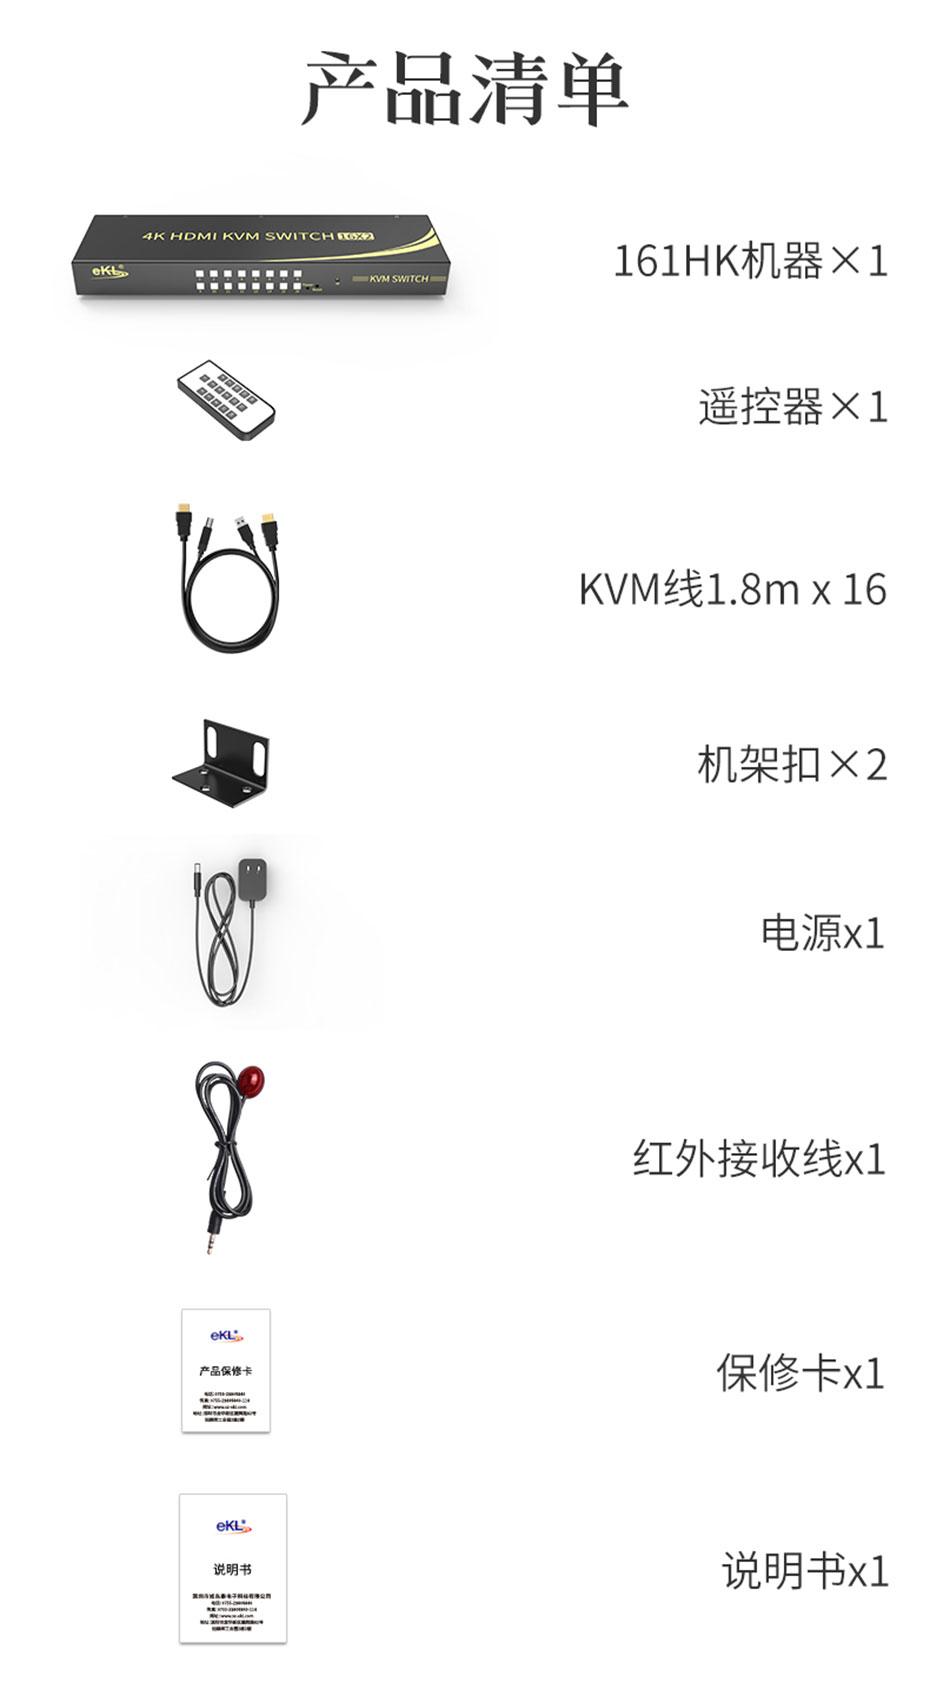 16口工业级HDMI KVM切换器161HK标准配件